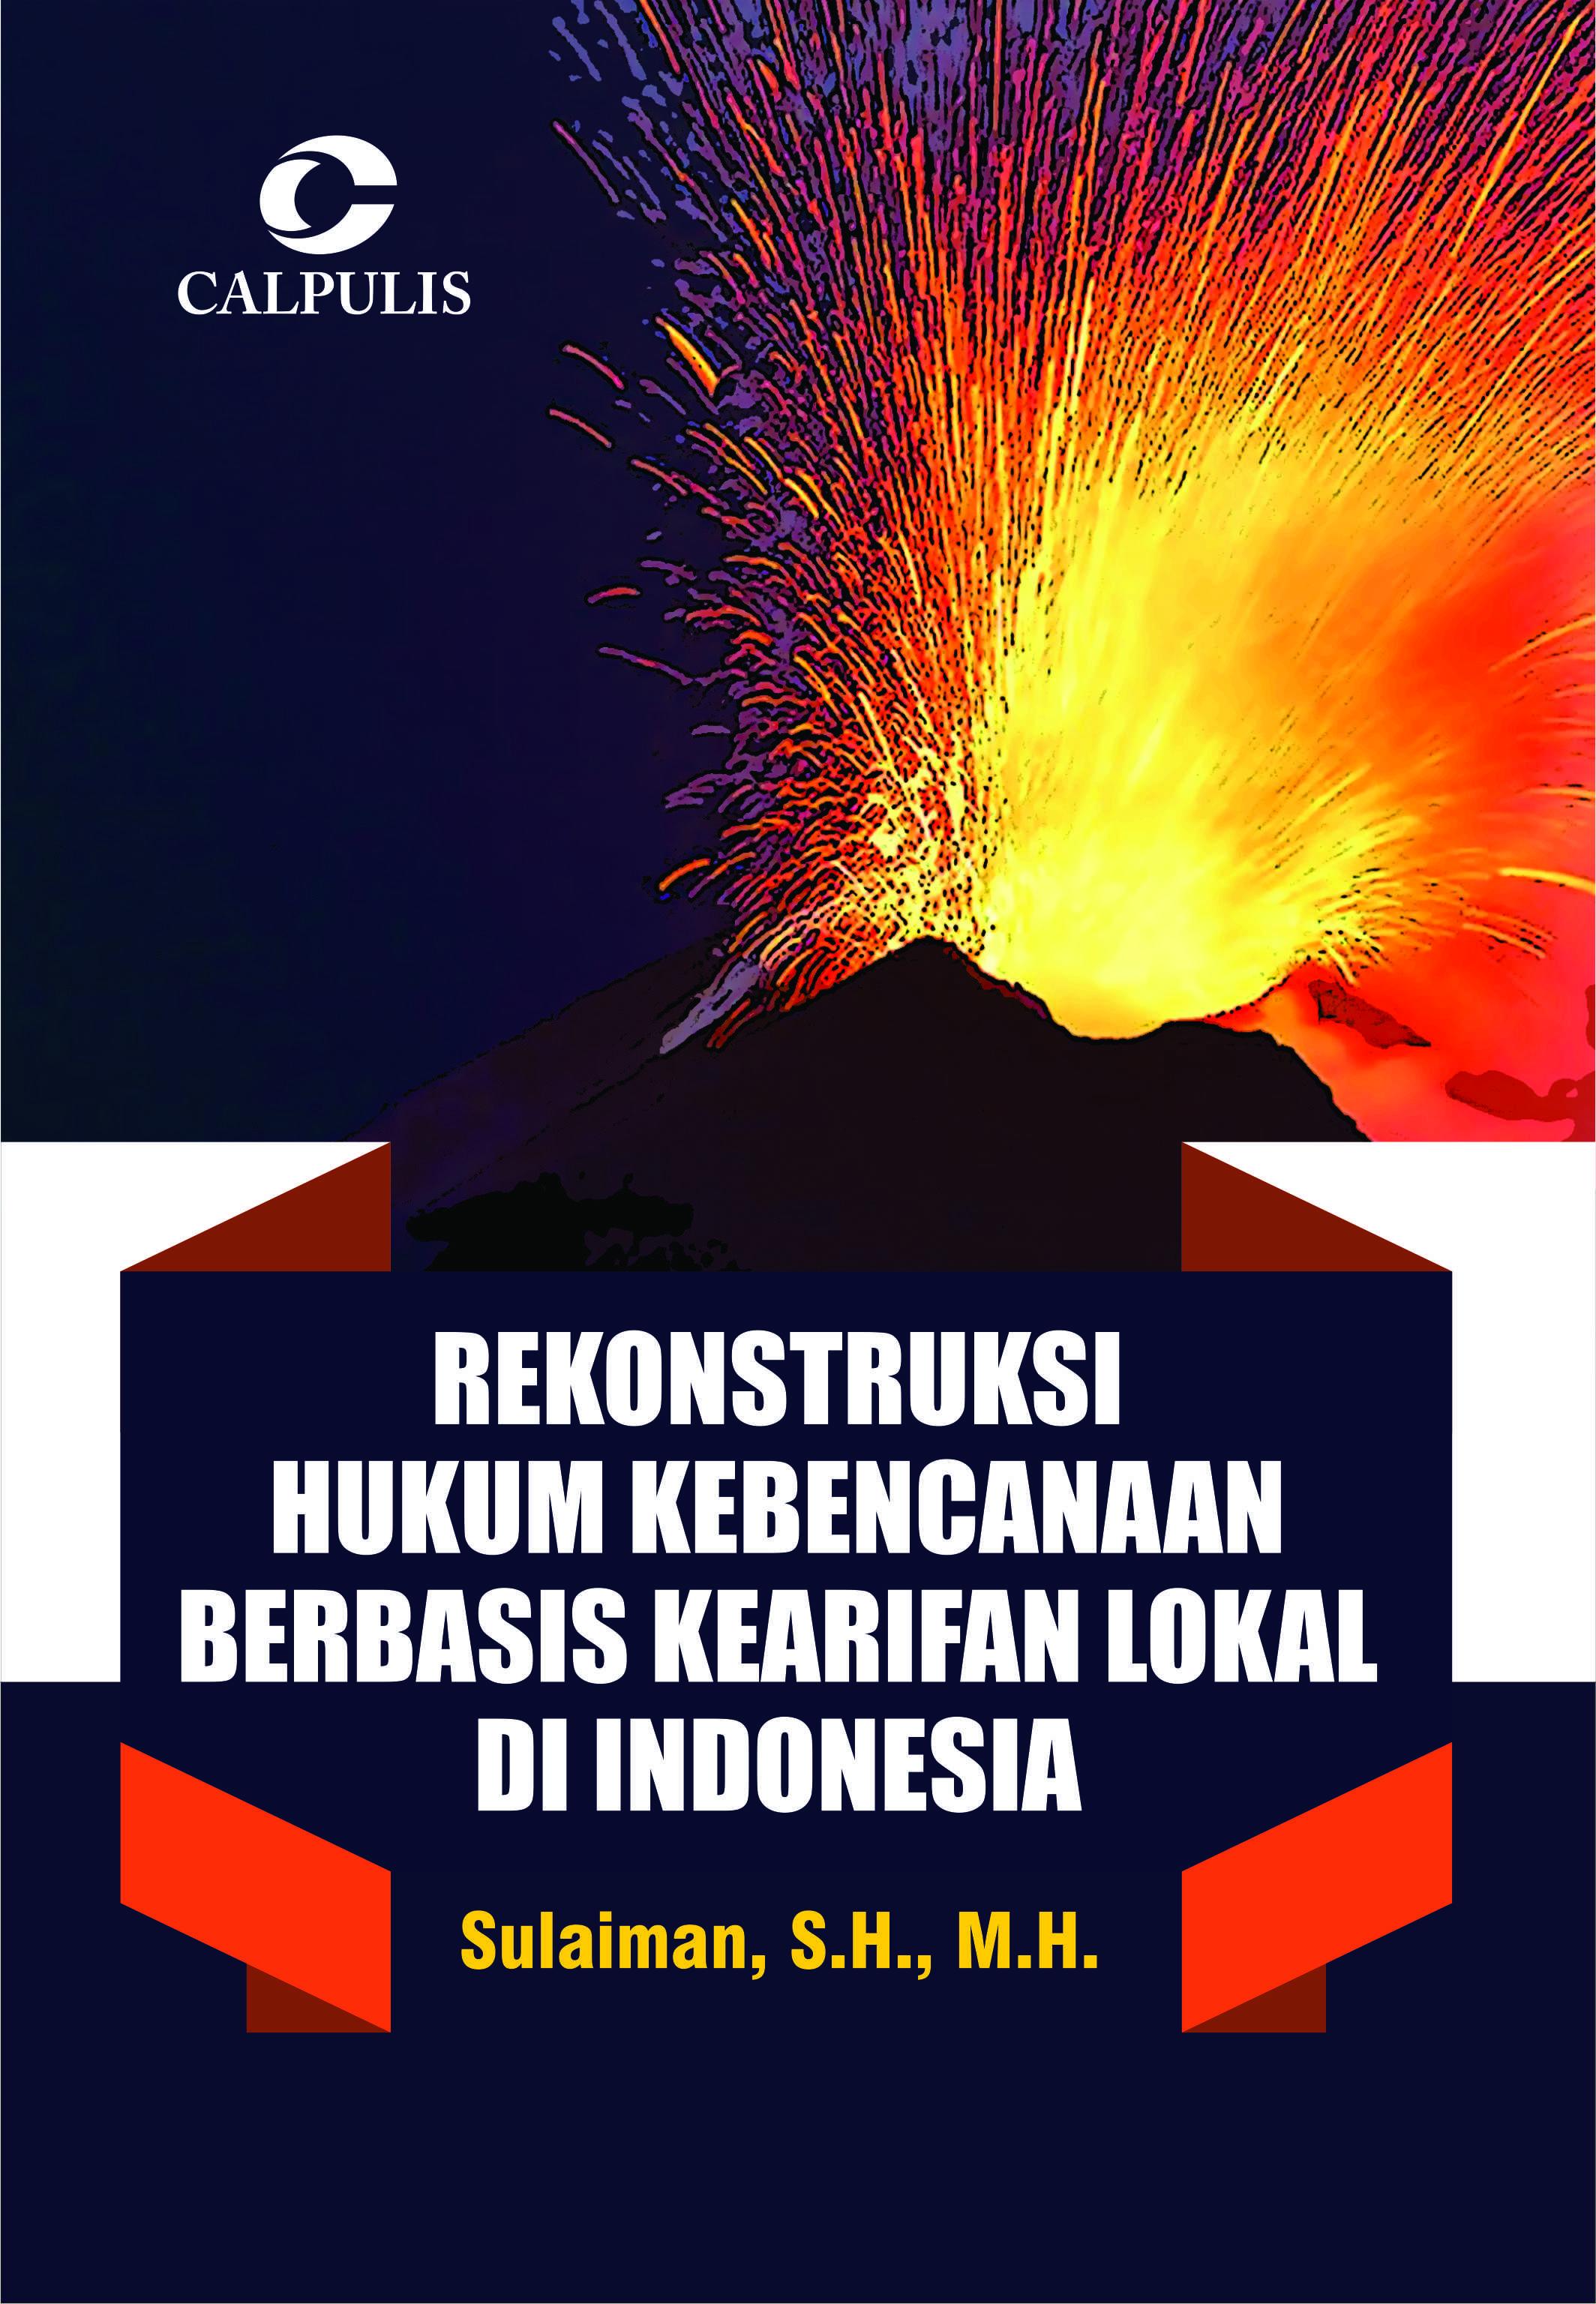 Rekonstruksi Hukum Kebencanaan Berbasis Kearifan Lokal di Indonesia